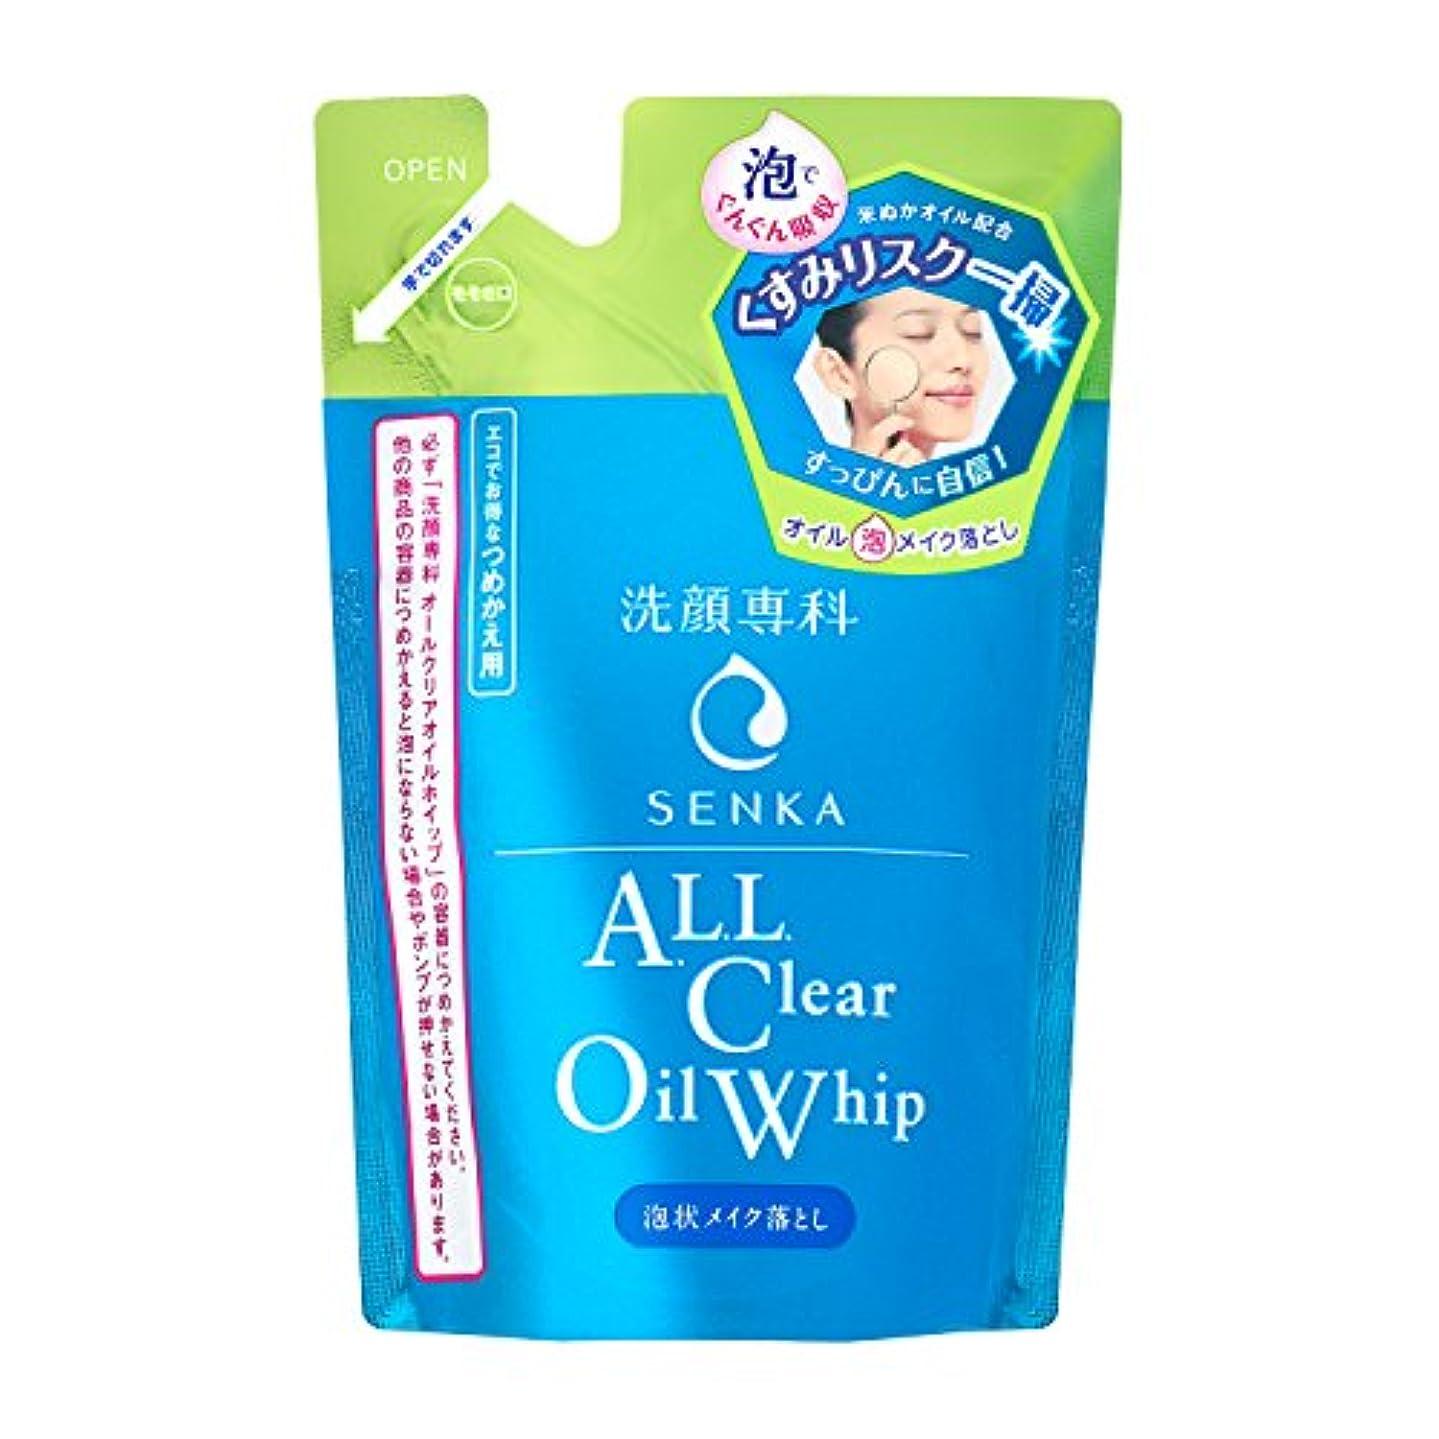 ヒロイン浸漬リスト洗顔専科 オールクリアオイルホイップ つめかえ用 130mL